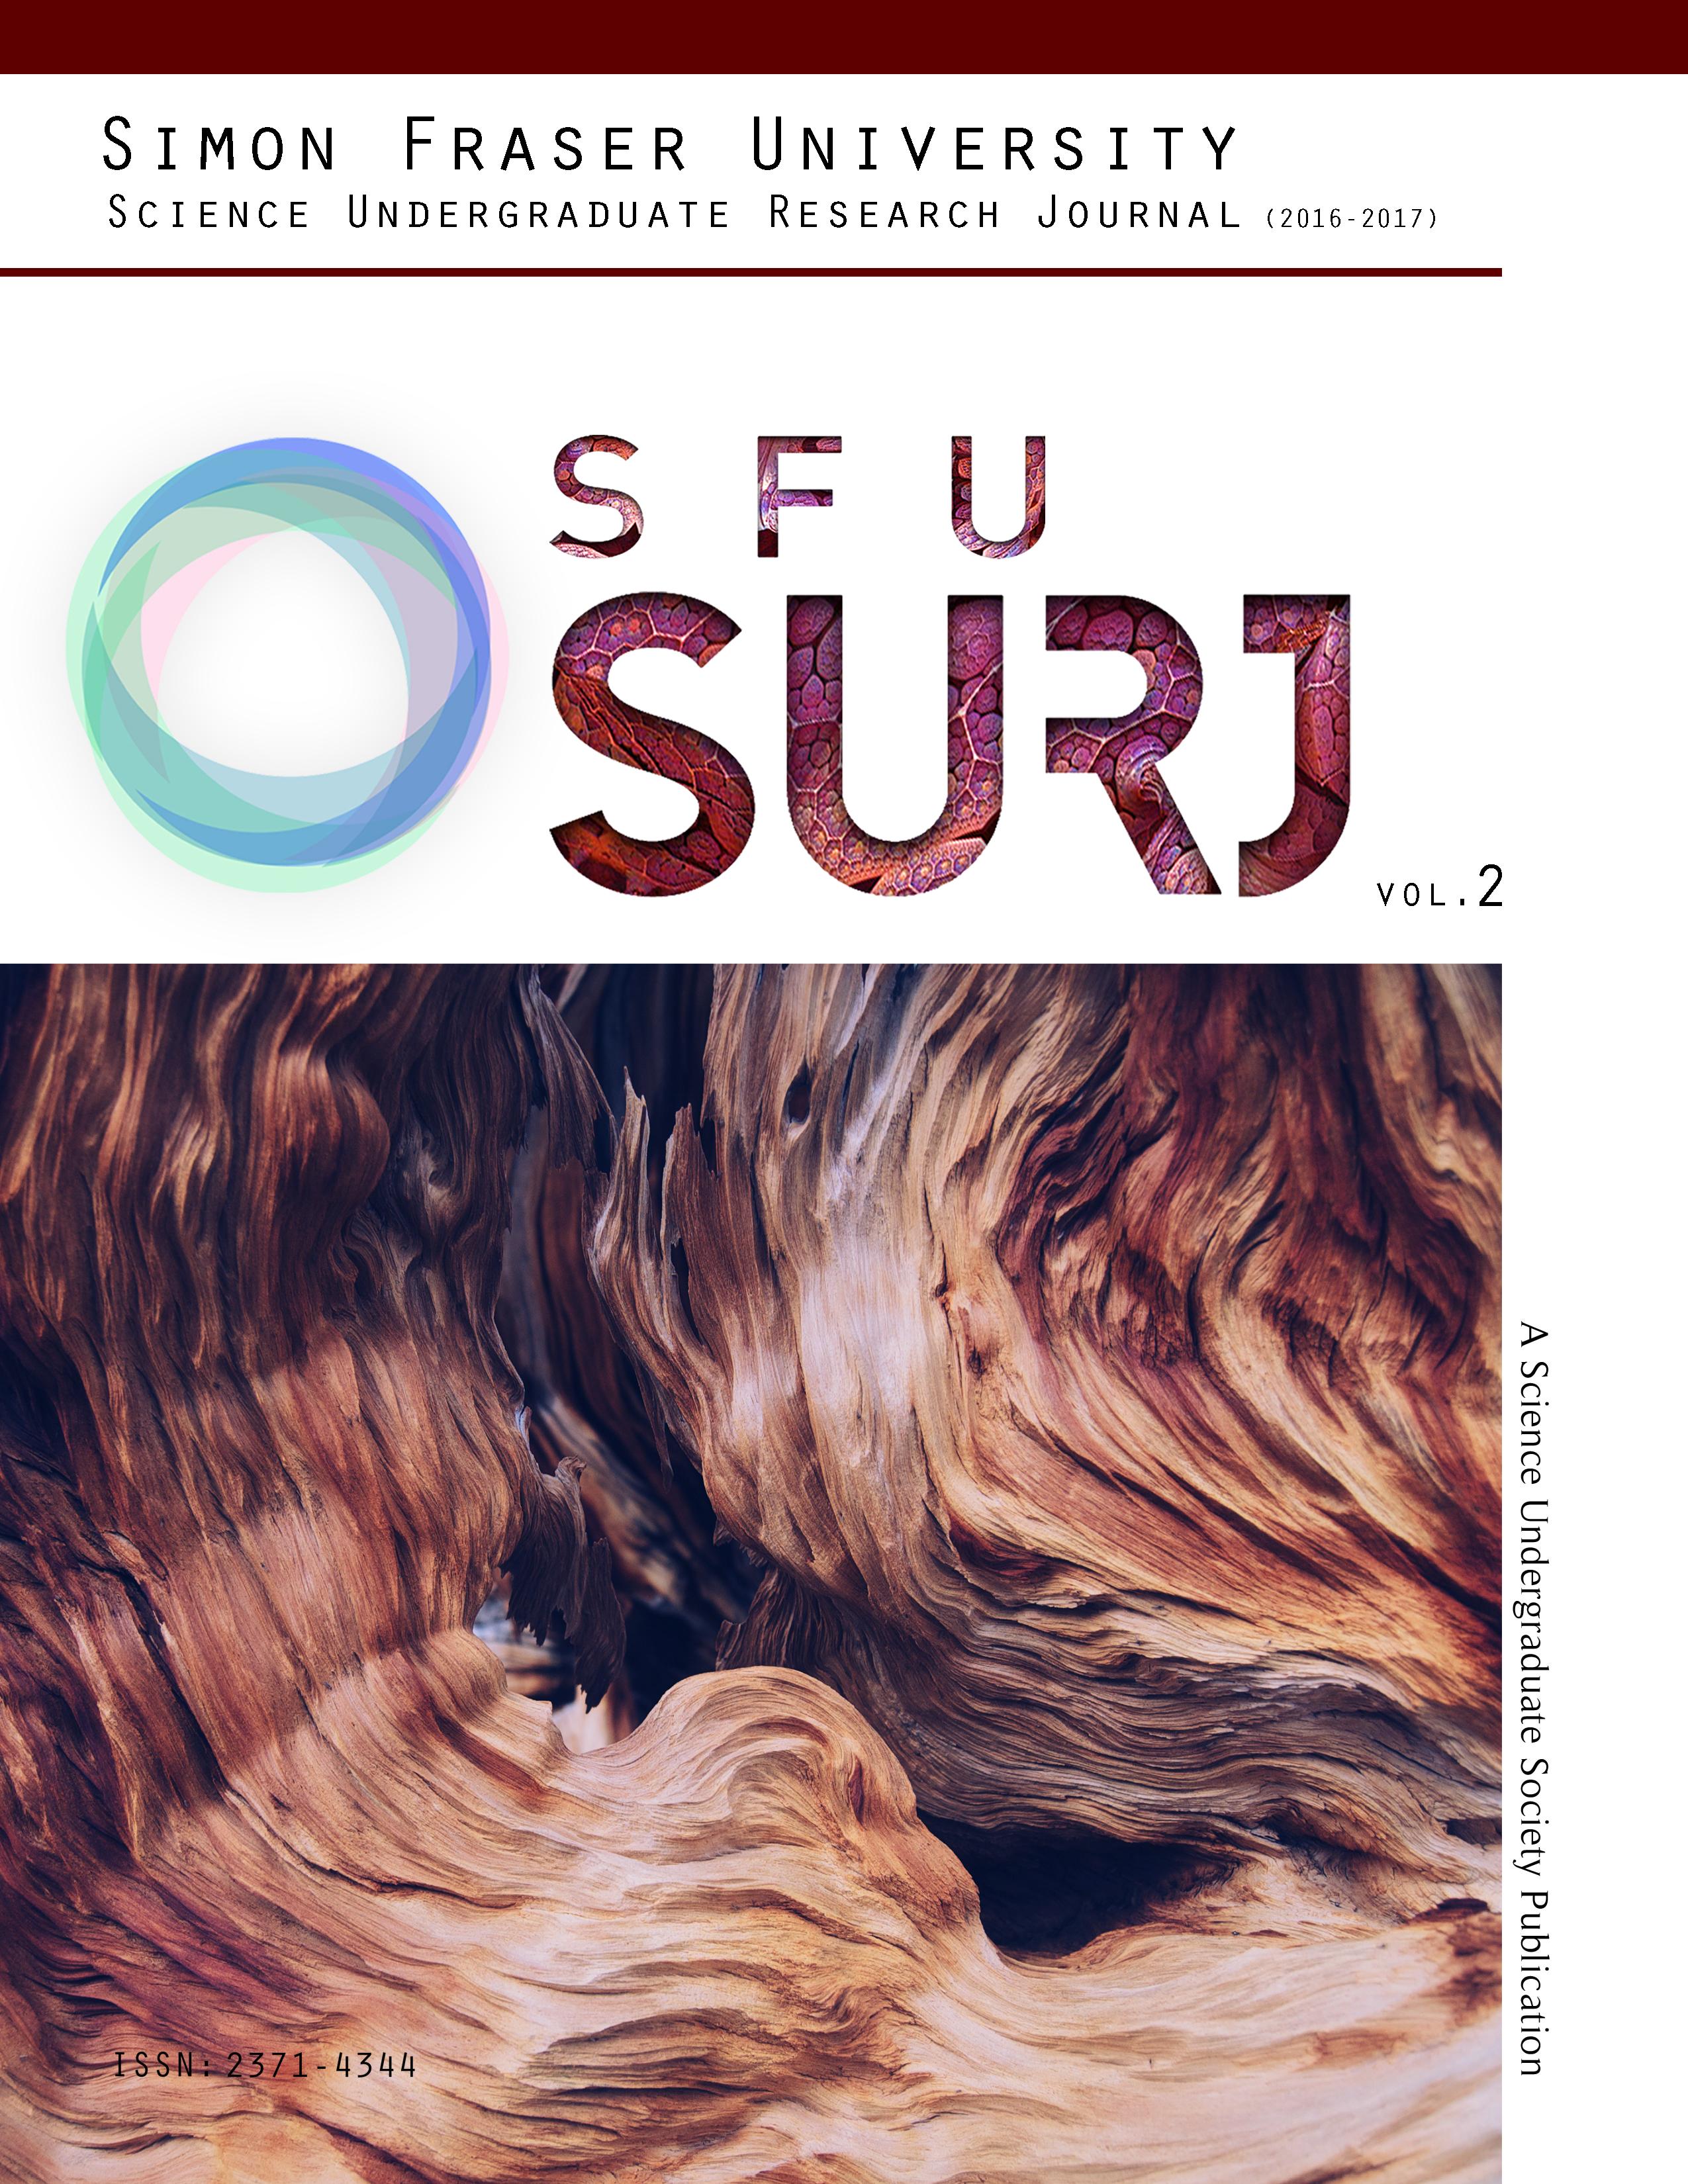 SFU Science Undergraduate Research Journal